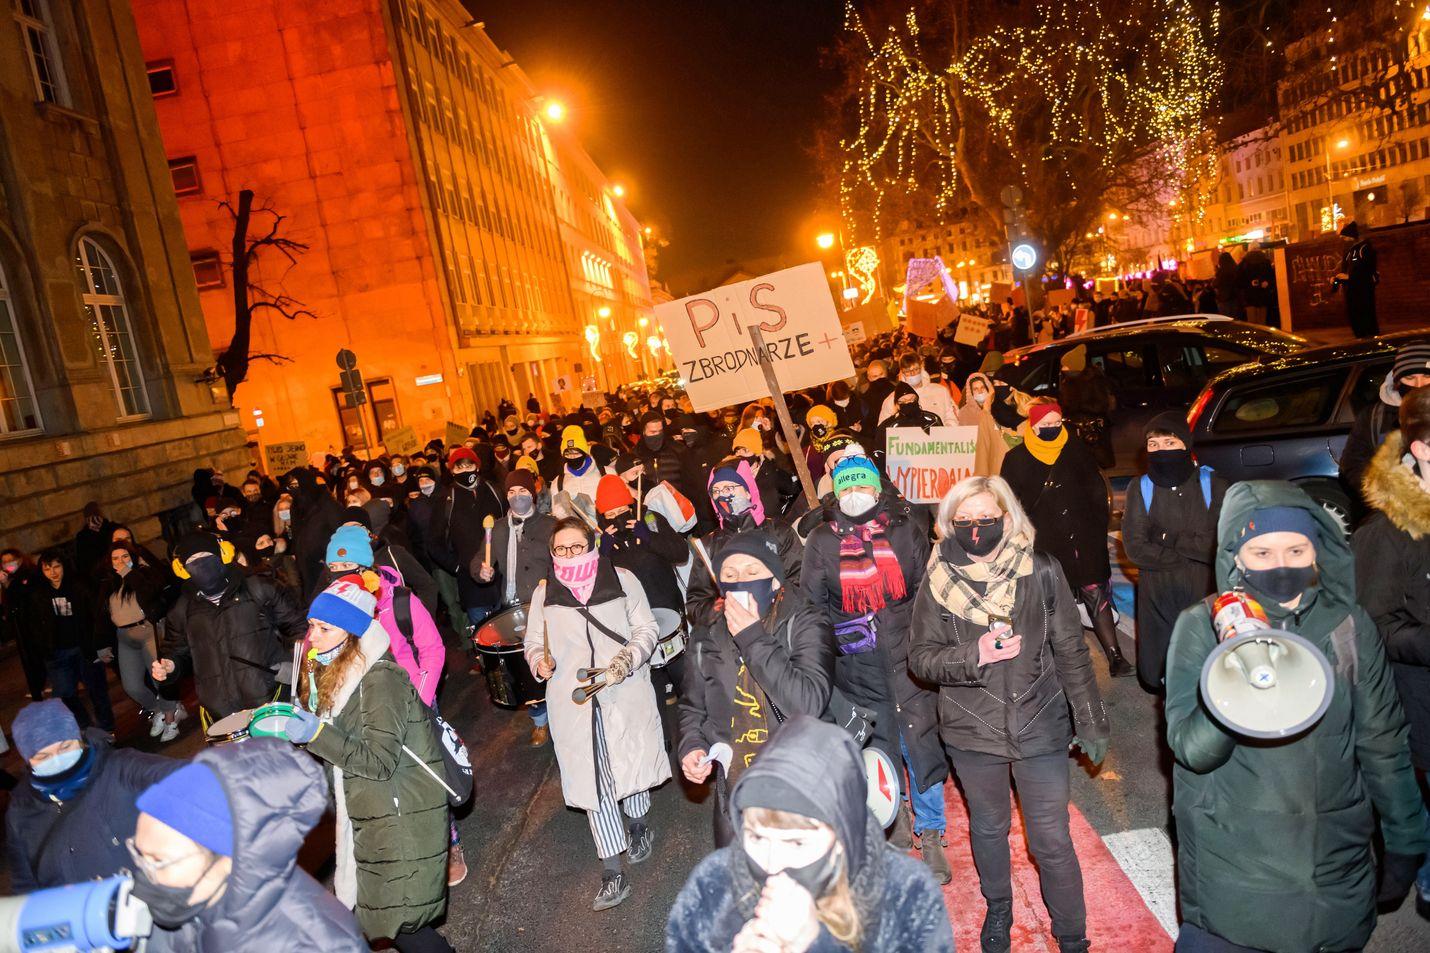 Ihmiset protestoivat torstaina aborttilainsäädännön tiukennusta vastaan Poznanin kaupungissa Puolassa.